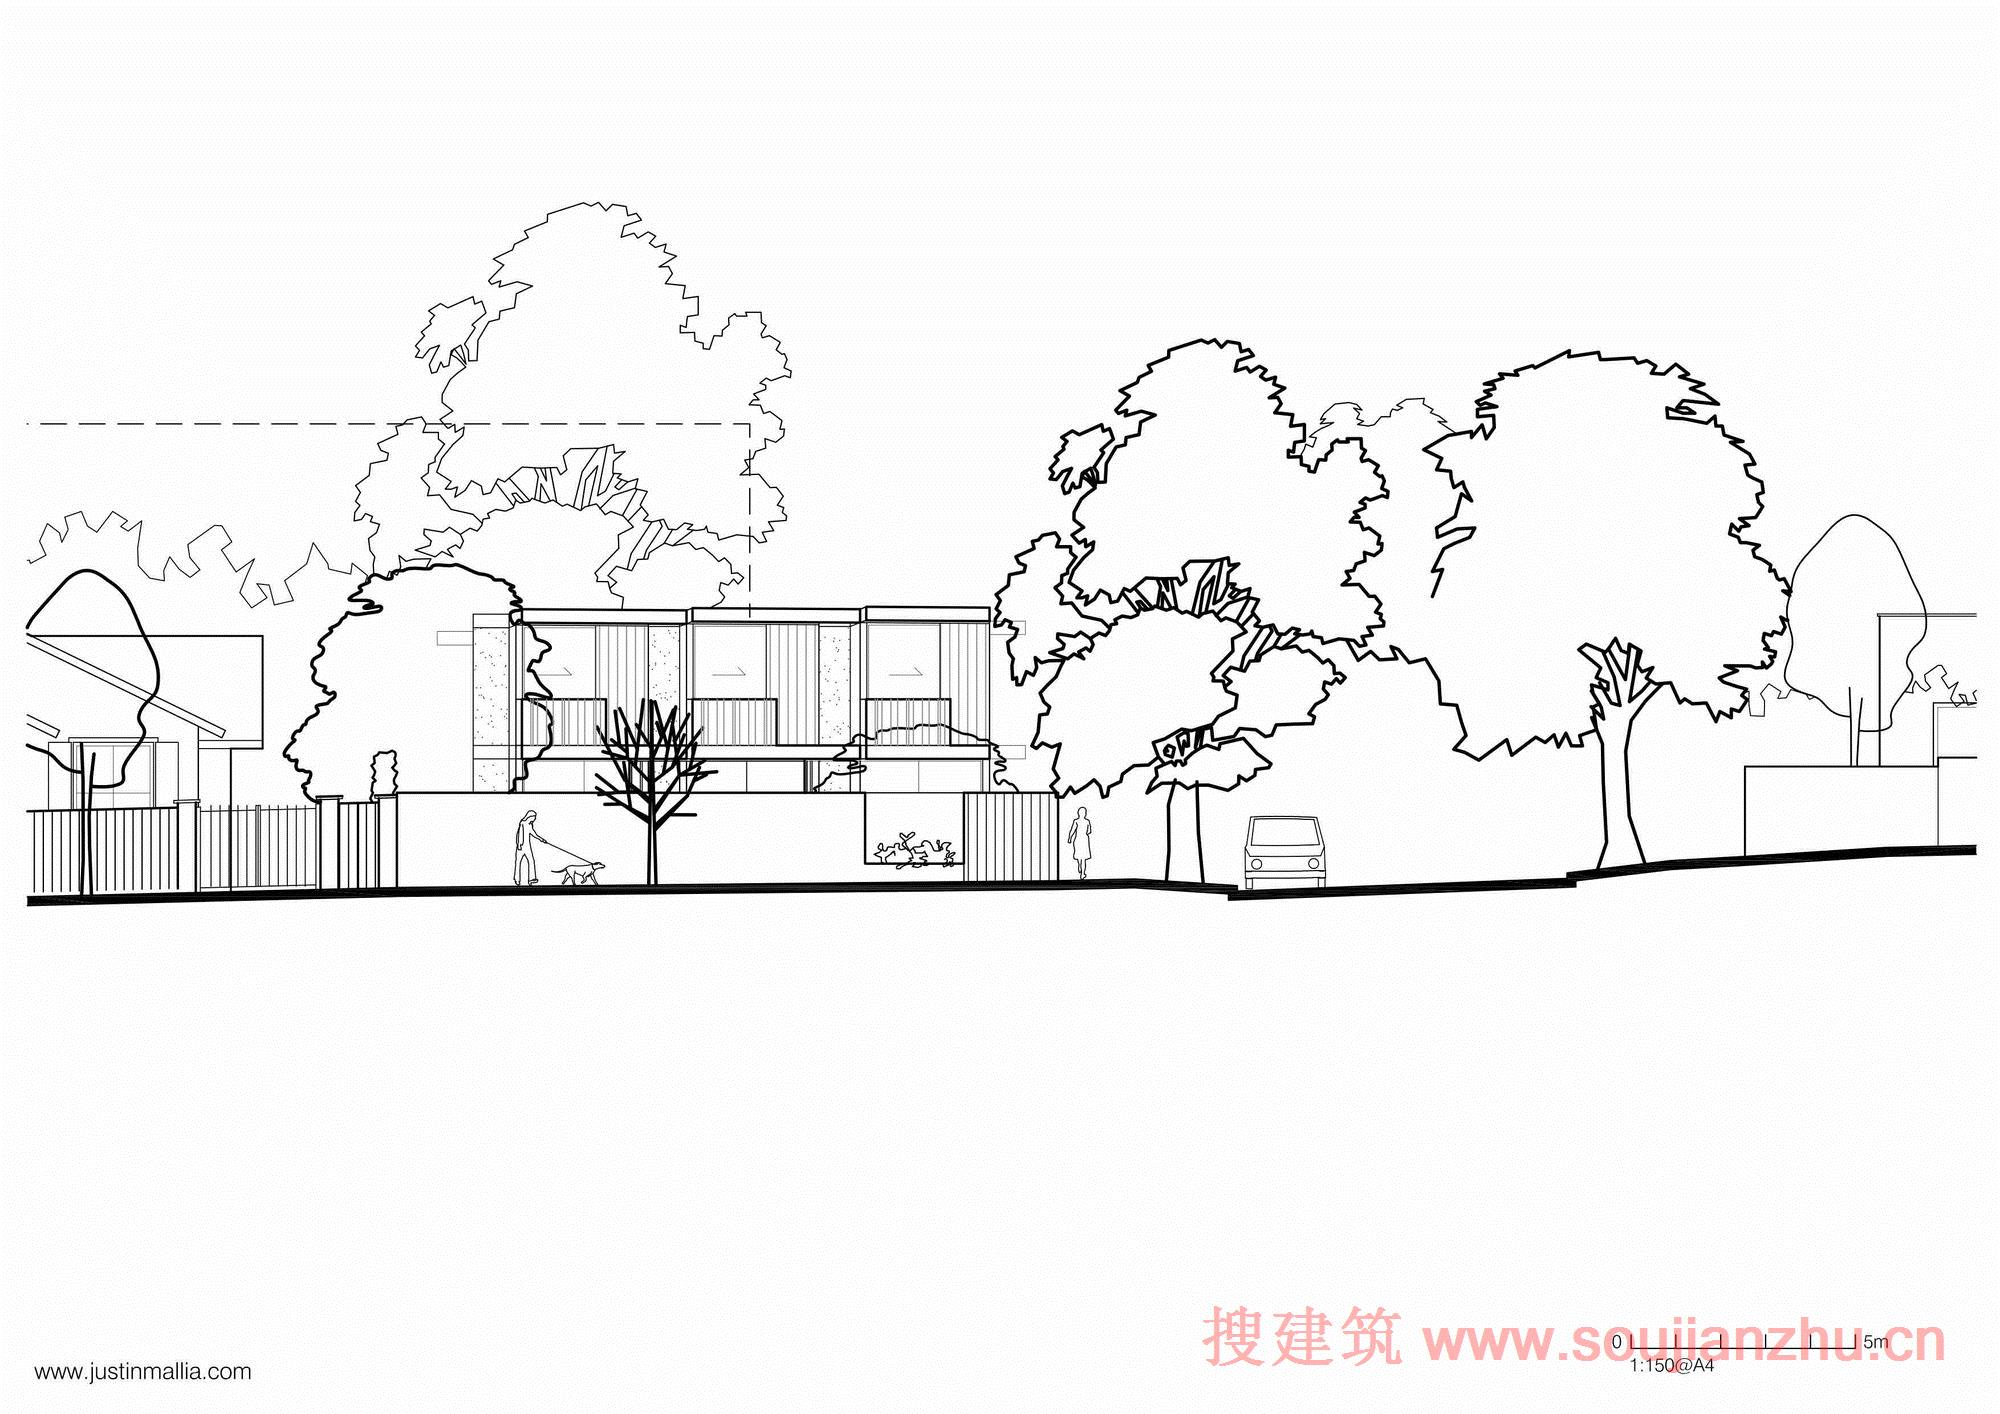 建筑师:Justin Mallia 地点:澳大利亚 面积:485平方米 年份:2015  Oak Grove公寓是一个发展驱动型的企业。业主的详细简介充满视觉风格的理念和场地位于澳大利亚的郊区,建筑协商一个有意义的当代回应在高度饱和的物理和概念的参数。  为了成本效益,该项目涉及两个相同的矩形房子,彼此成90度放置,形成一个花园环境,将大型街道树的感觉带入现场。